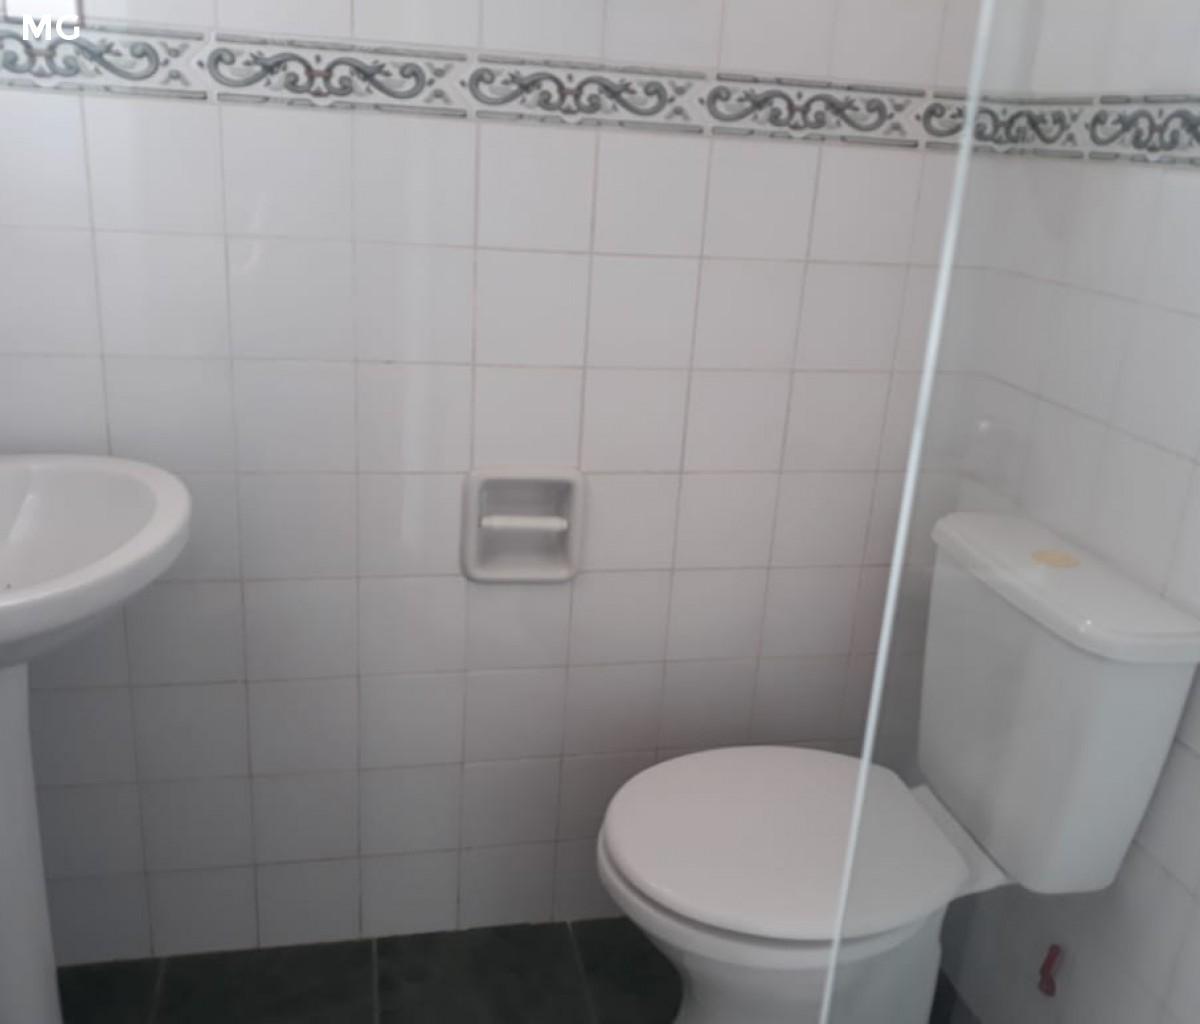 Casa en Alquiler Av. dorbigny y av. villa vicencio. Foto 2